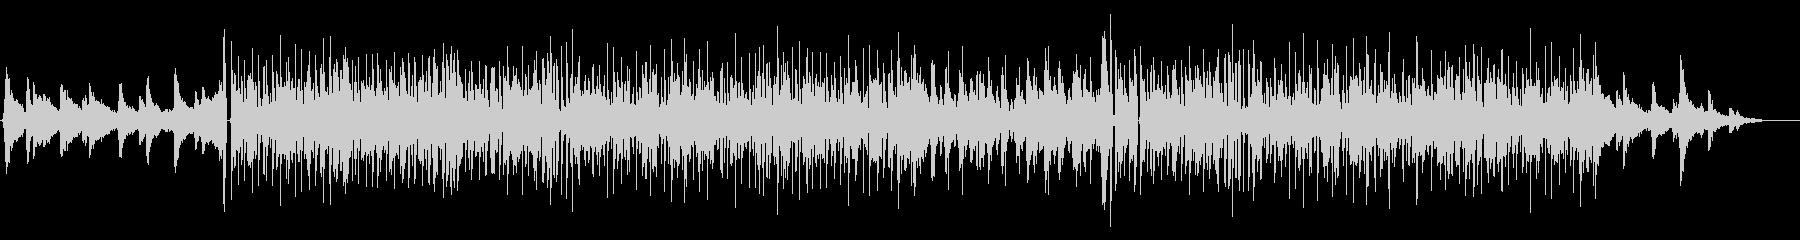 ミドルテンポで軽快なソウル調の曲の未再生の波形